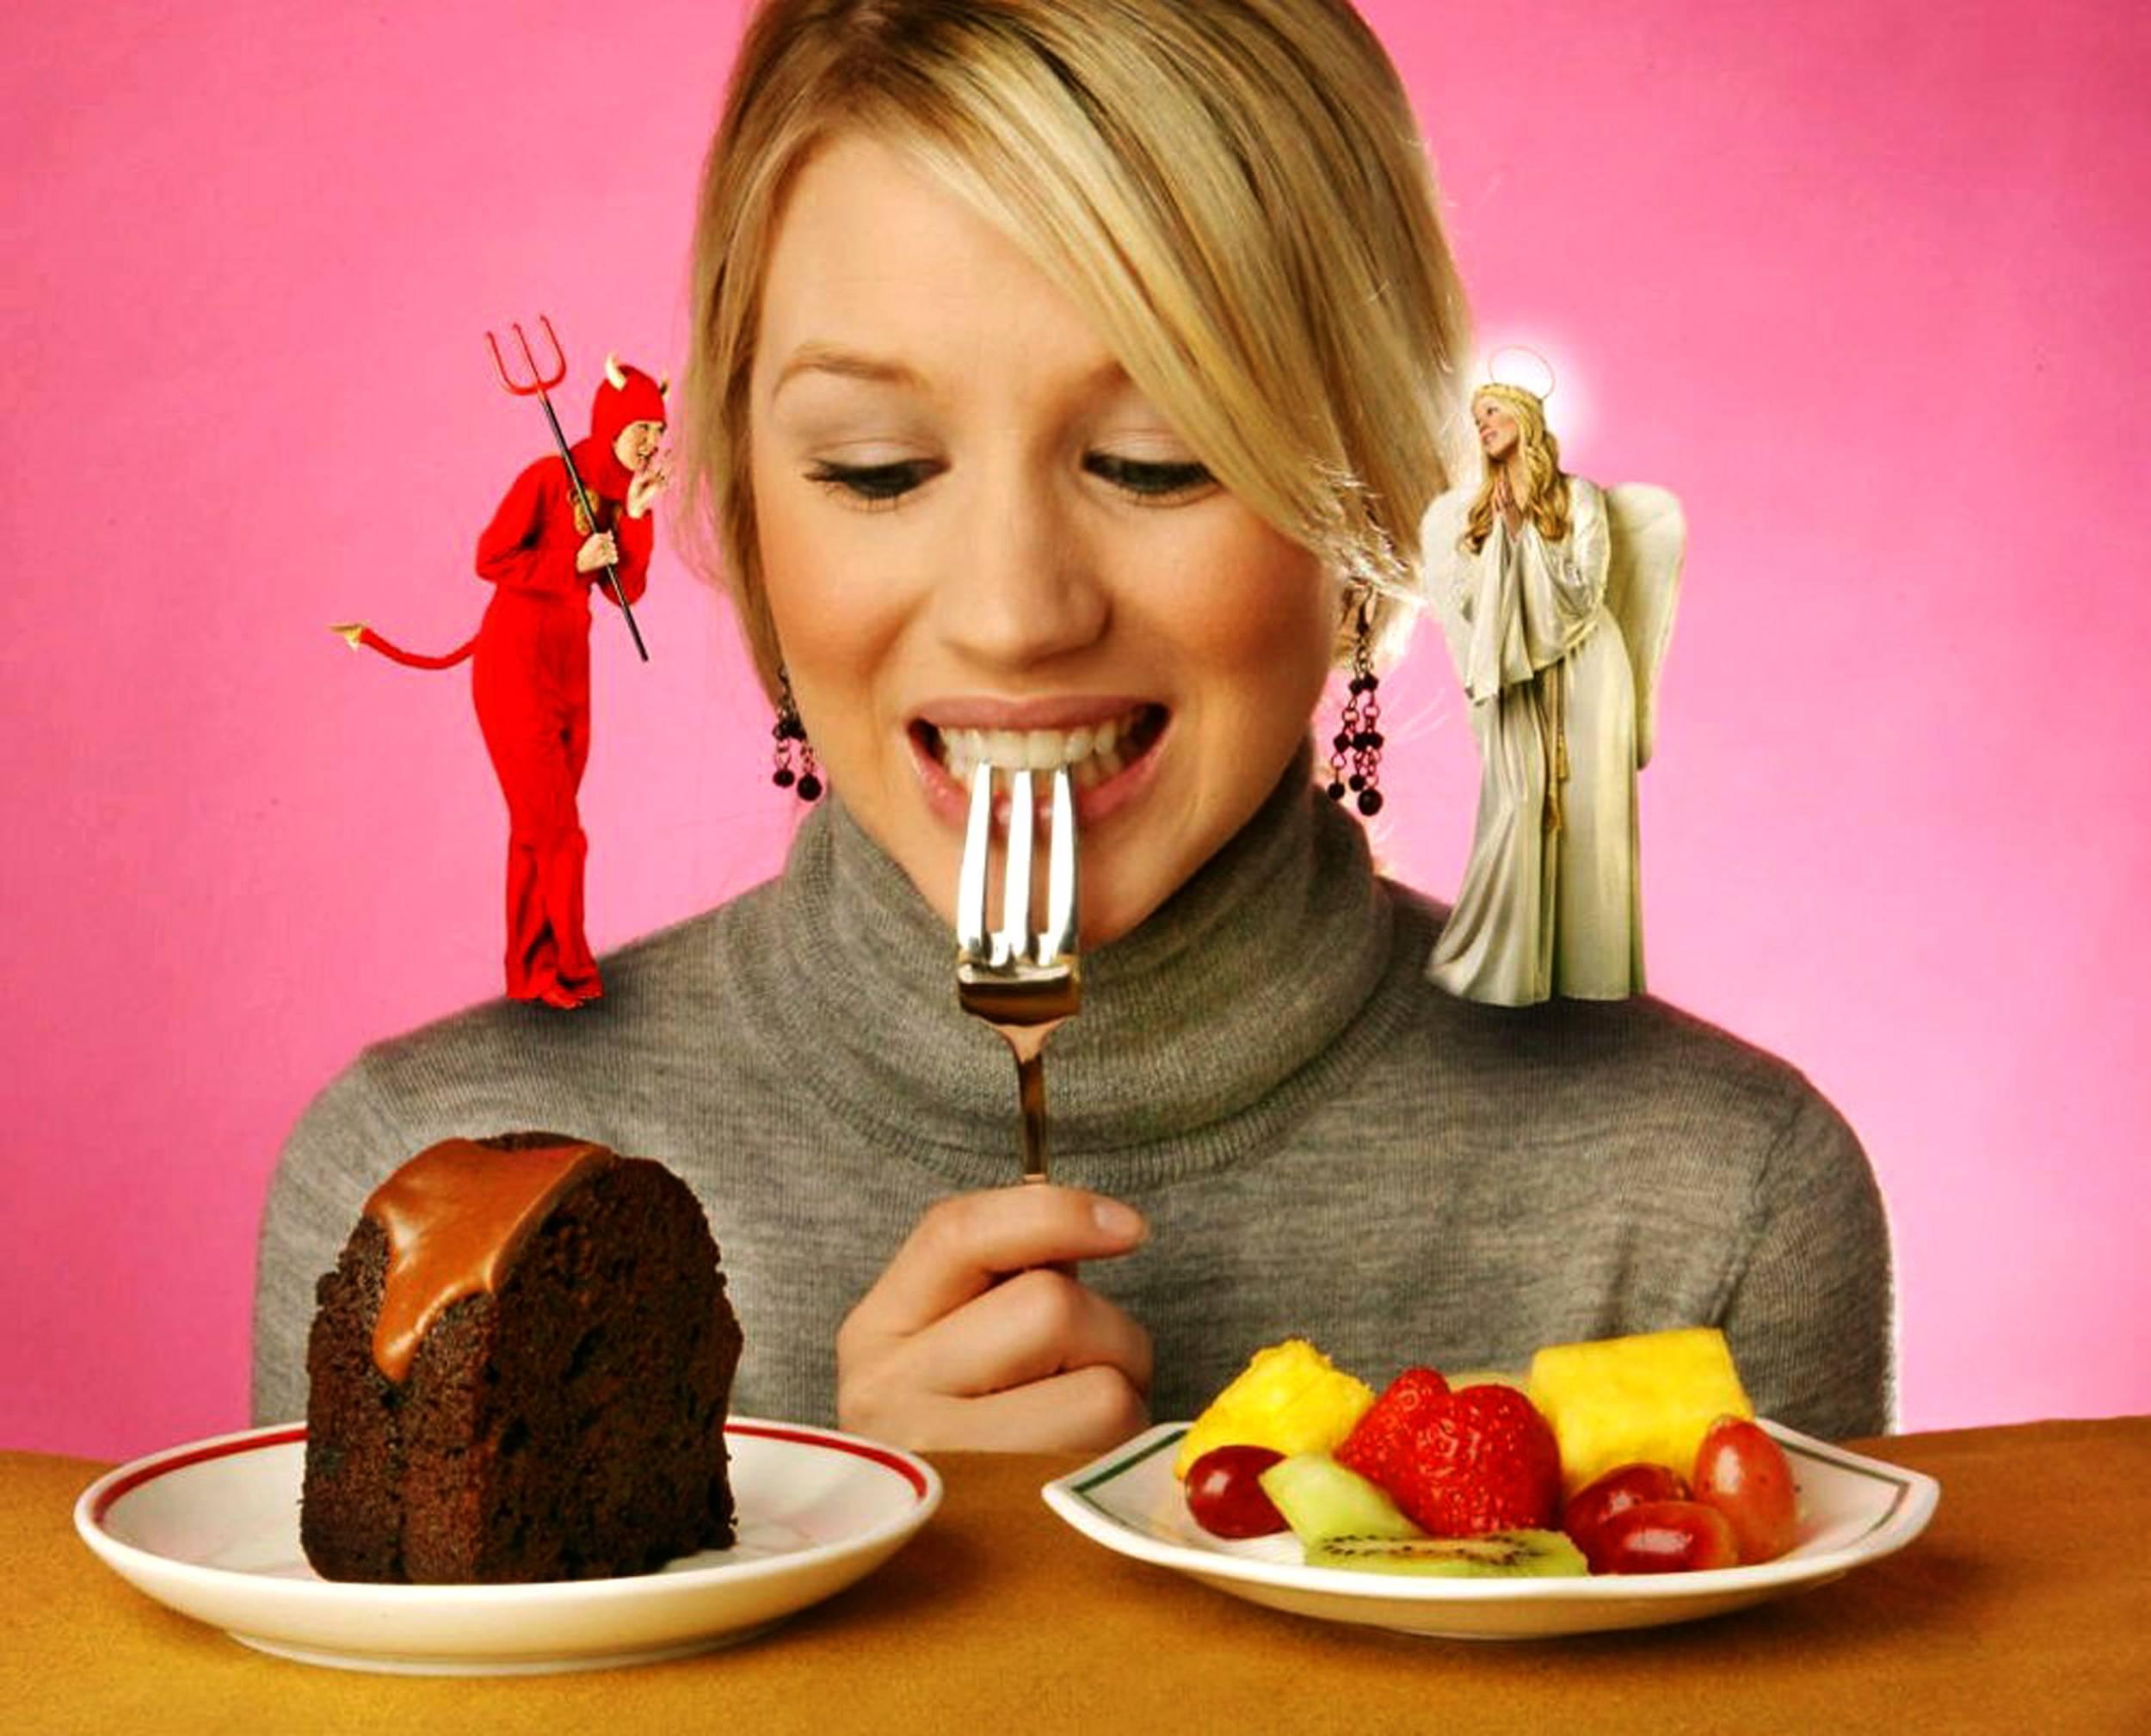 Почему после употребления алкоголя хочется сладкого, после пива хочется шоколада - причины